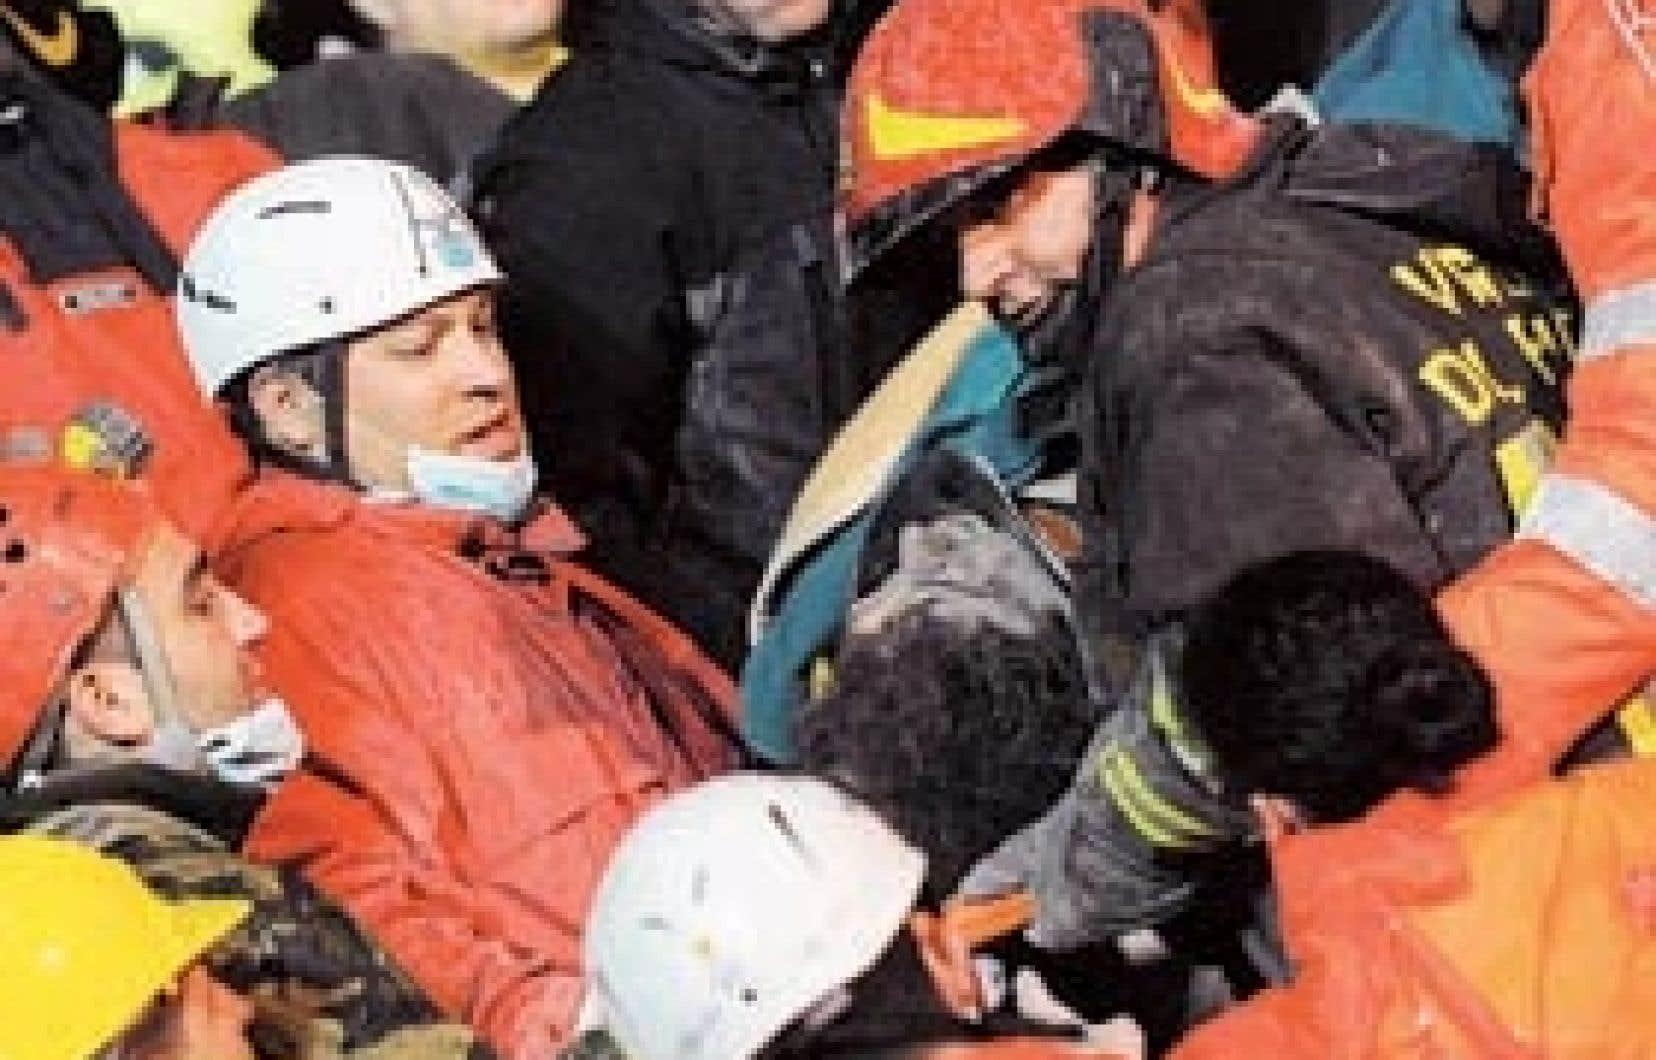 Des secouristes dégagent un blessé des décombres à L'Aquila, ville historique située à l'épicentre du séisme qui a frappé le centre de l'Italie hier.